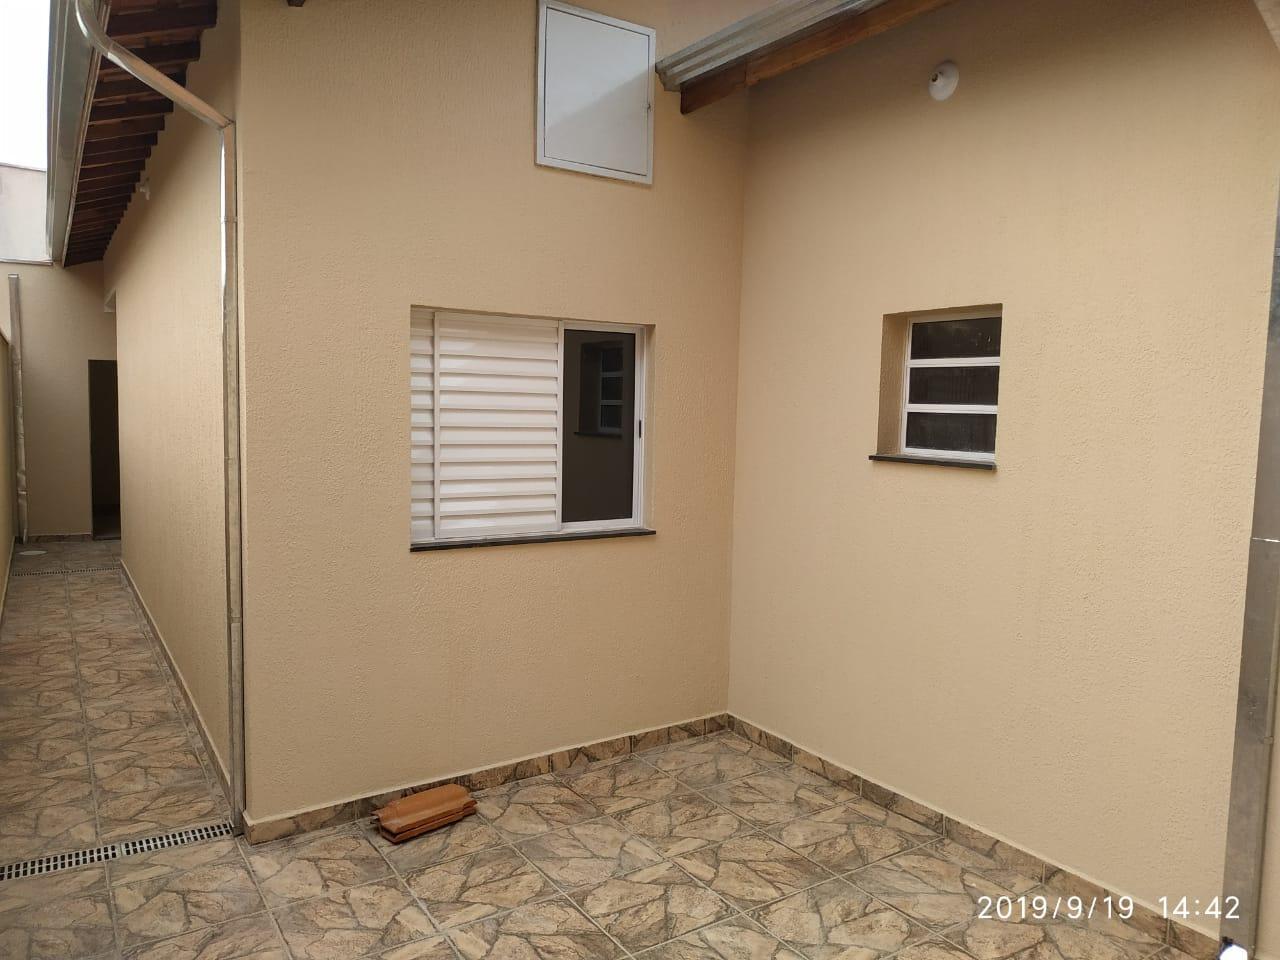 Casa com 2 dormitórios à venda, 73 m² por R$ 239.000 - Jardim das Figueiras I - Hortolândia/SP